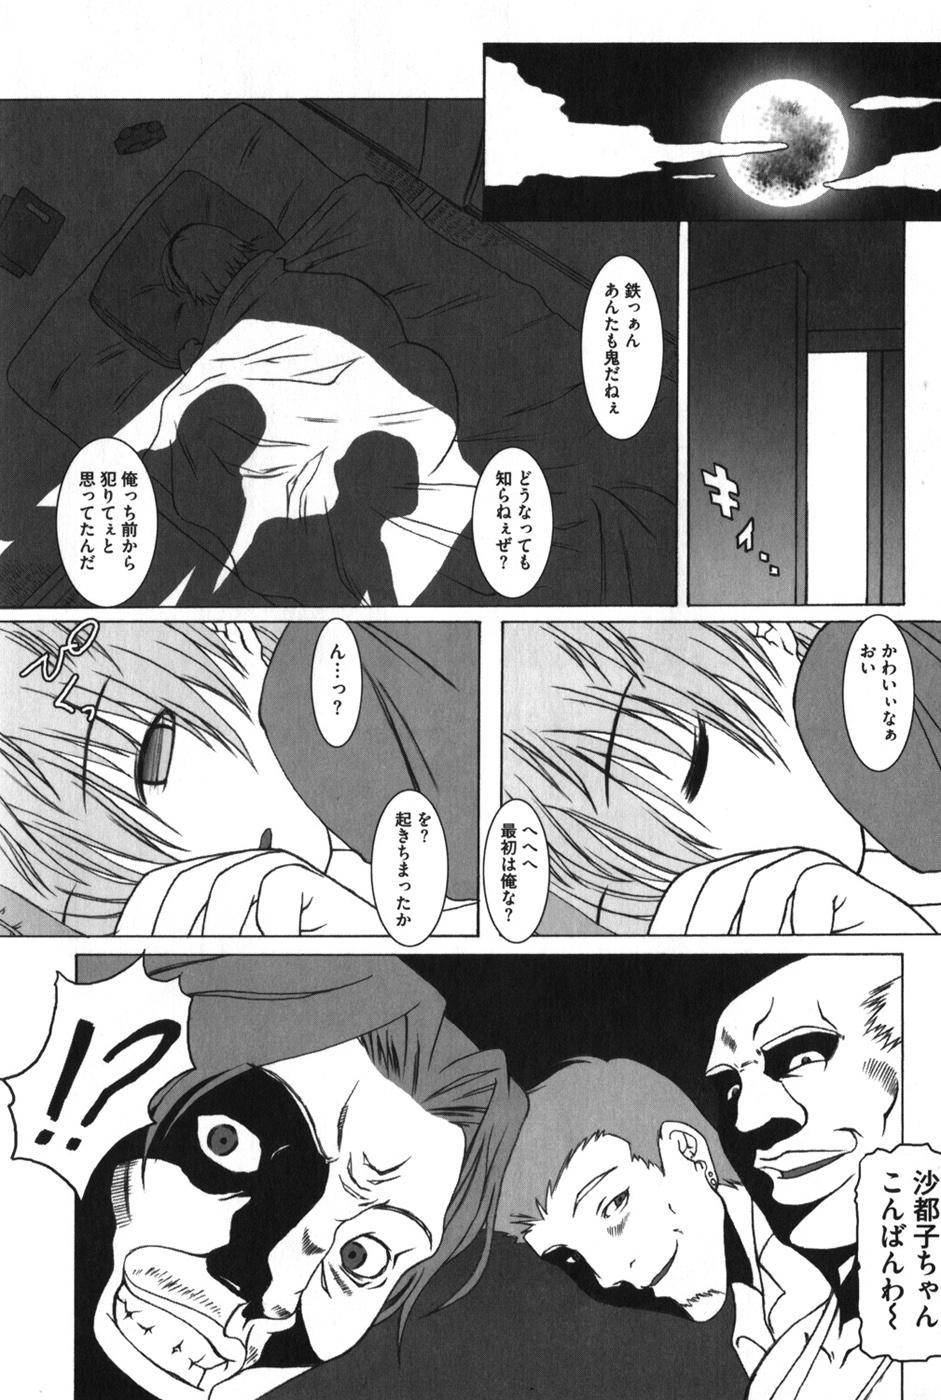 HiguERO no naku koro ni 12